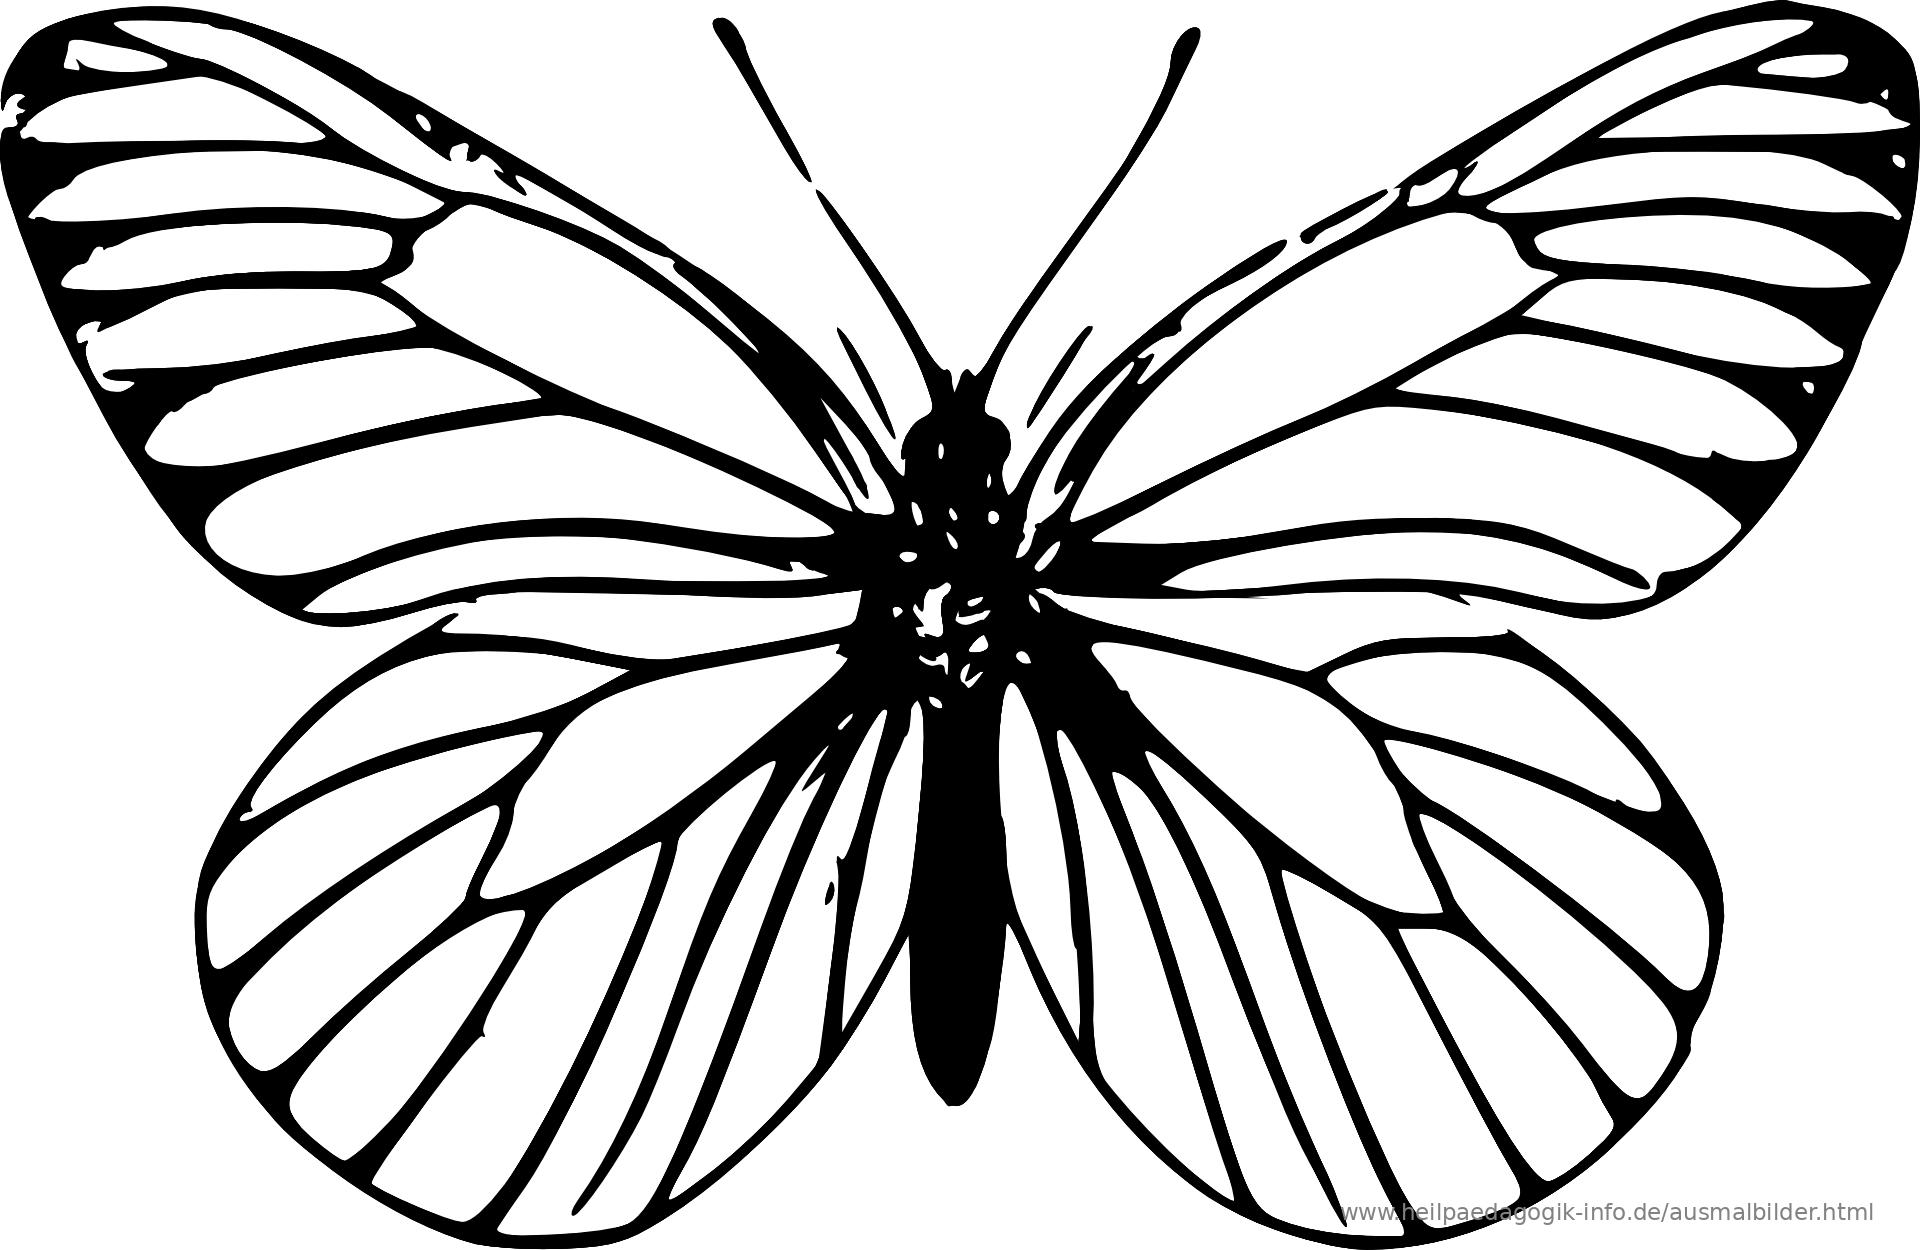 Ausmalbild Schmetterling Als PDF oder PNG anzeigen